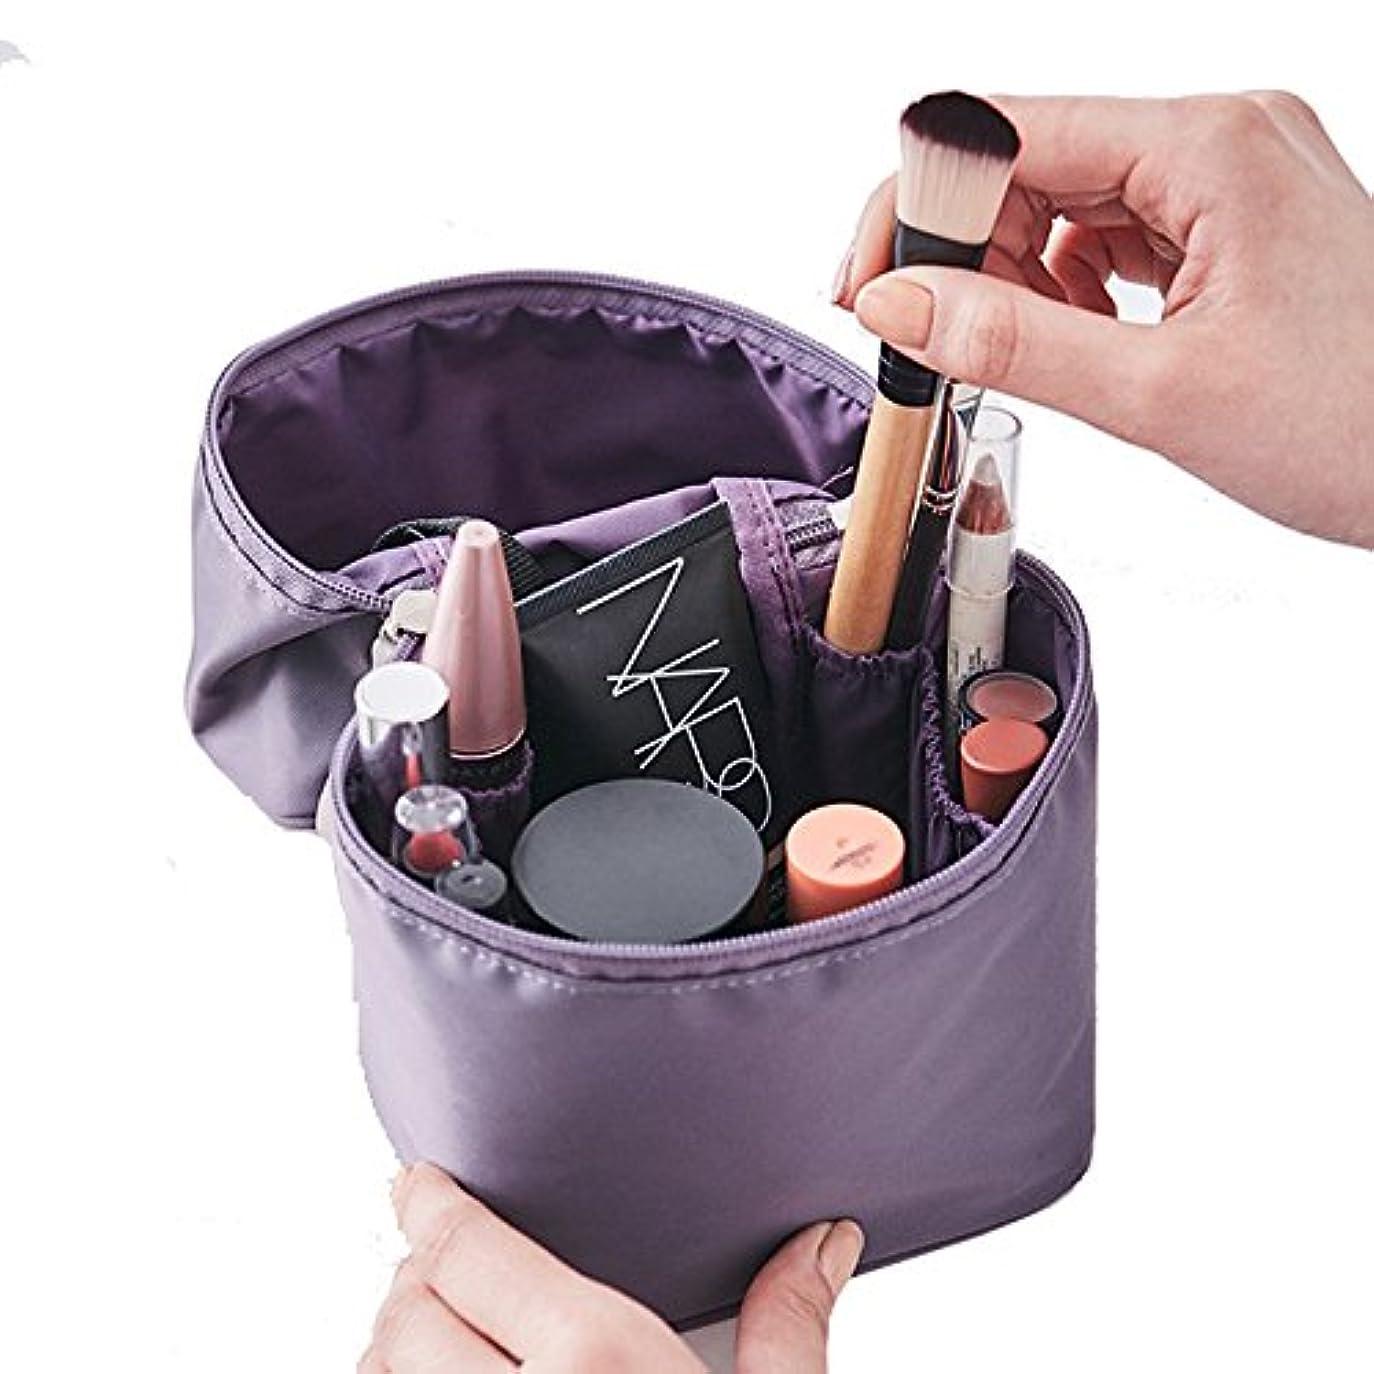 ジェーンオースティン夕方スイングithinkso VERTICAL MAKE-UP BOX 縦に収納できるボックスタイプ化粧ポーチ 化粧水 トラベル 旅行 (ラベンダー)